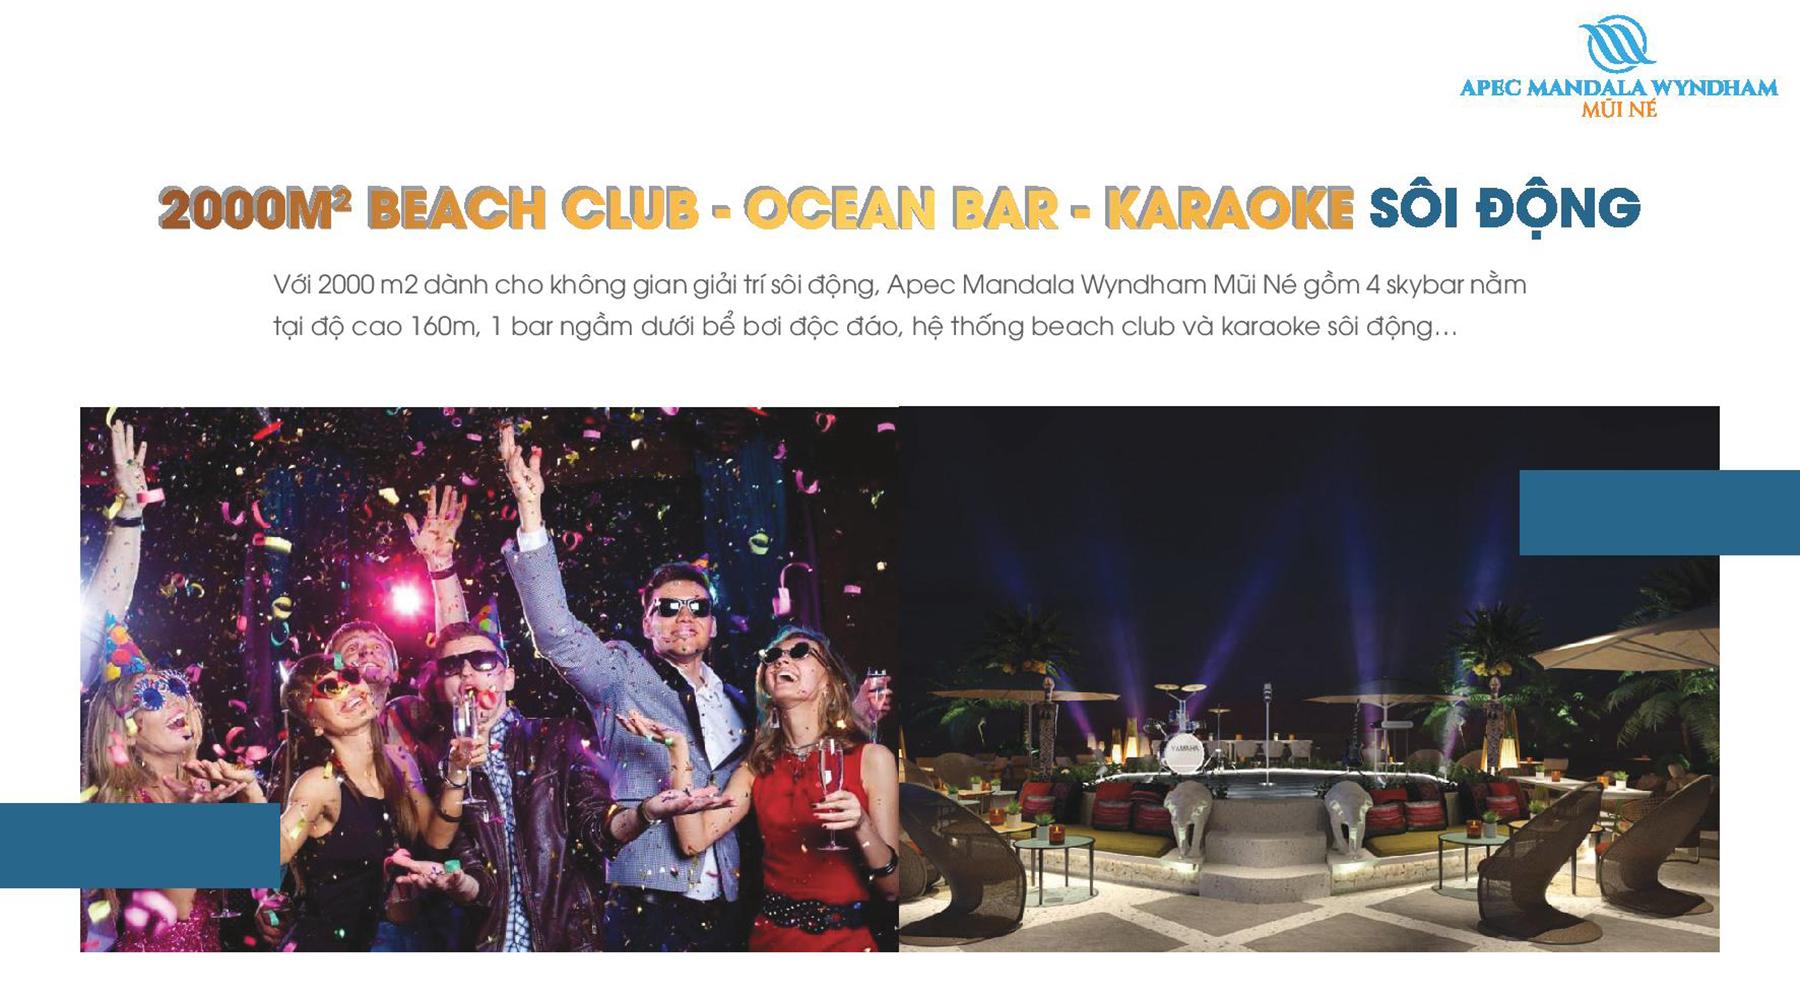 Tiện ích dự án Apec Mandala Wyndham Mũi Né 2000m2 Beach Club